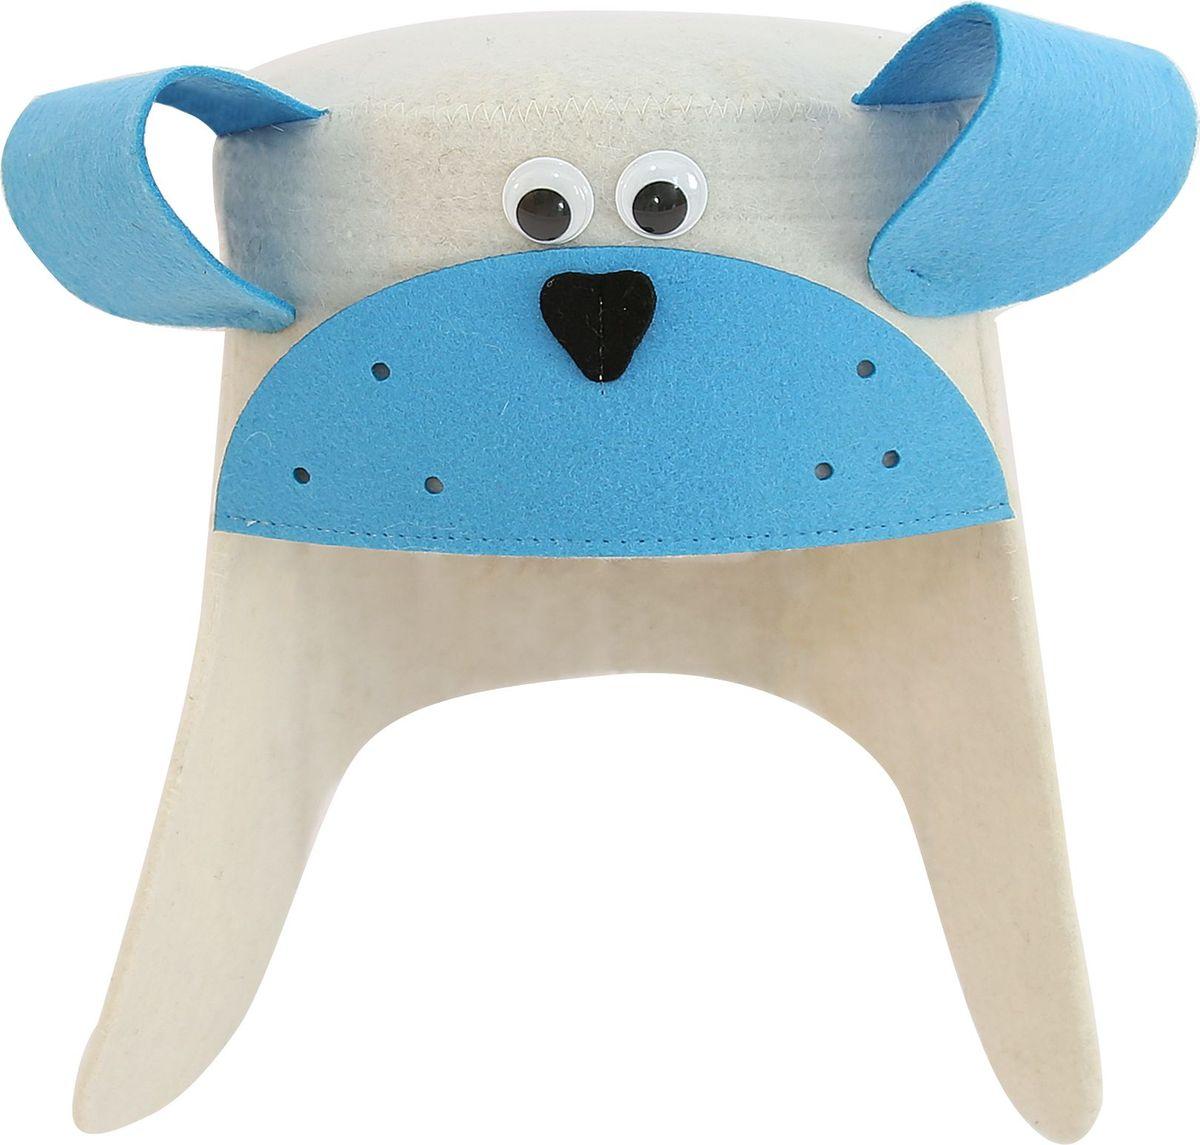 Шапка банная Главбаня Дружок-снежокА3701Банная шапка Главбаня Дружок-снежок изготовлена из плотного серого войлока и выполнена в оригинальном дизайне. Войлок - натуральный материал, выполненный из овечьей шерсти - защитит от перегрева.Шапка оснащена удобной петлей для подвешивания. Размеры: 29 х 35 см.